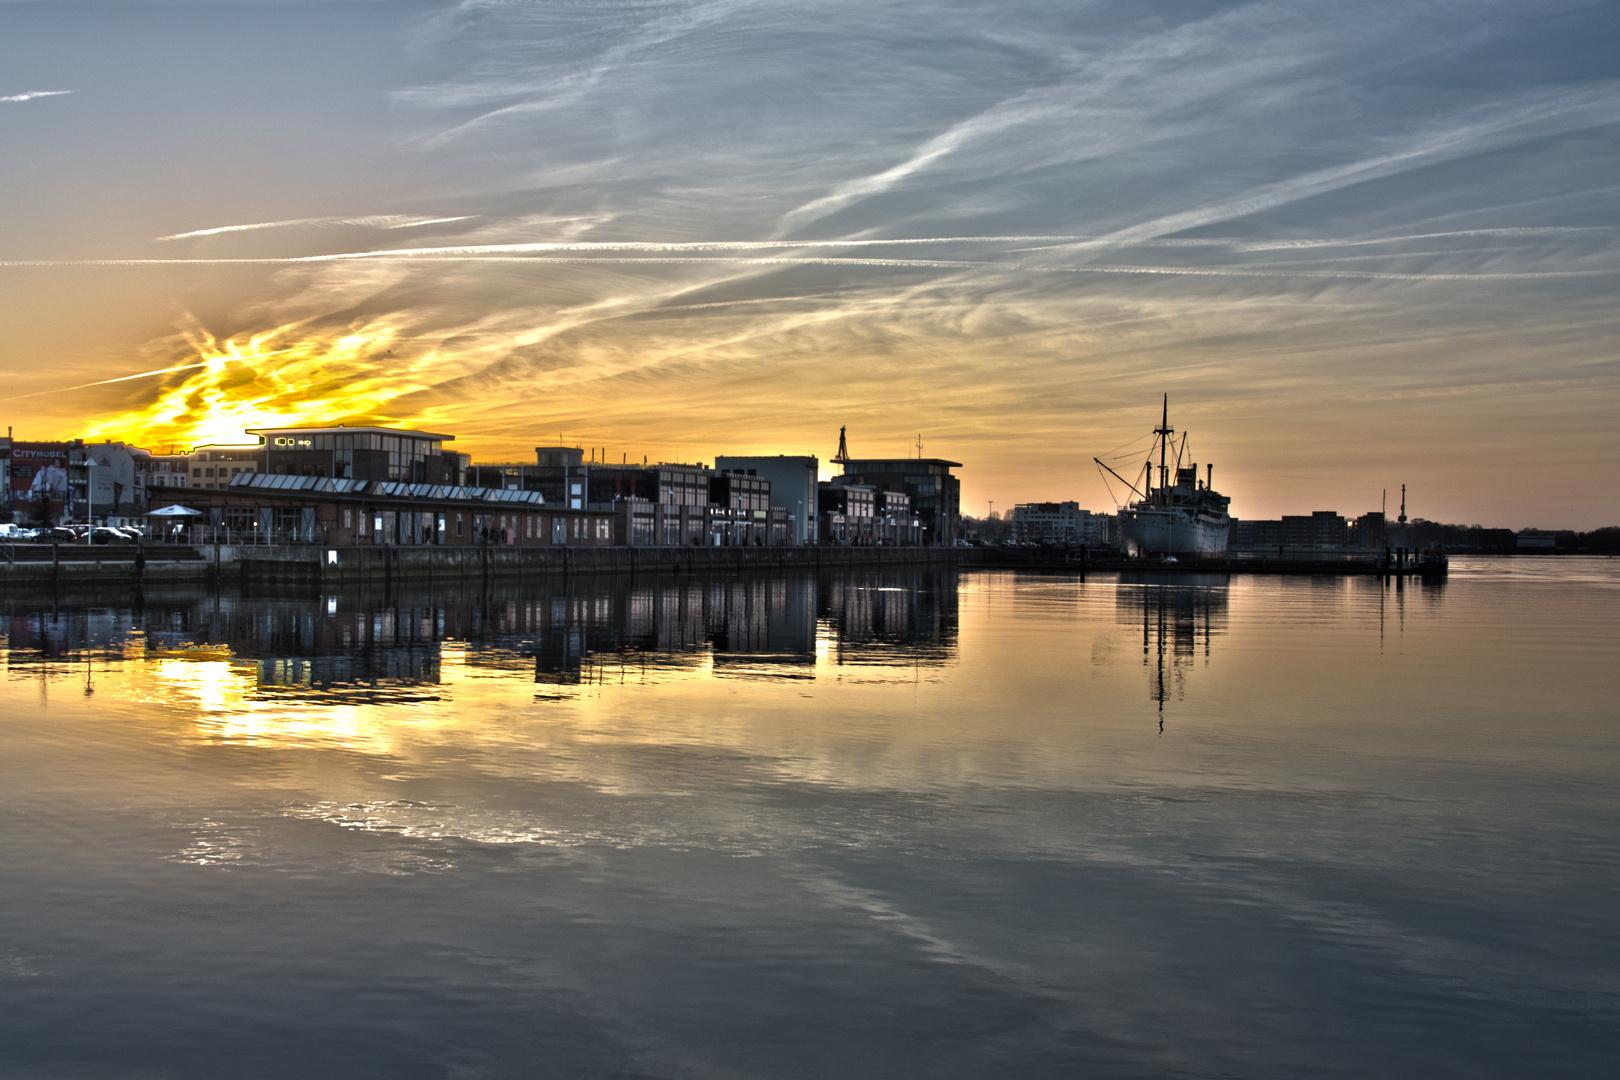 Sonnenuntergang im Stadthafen von Rostock